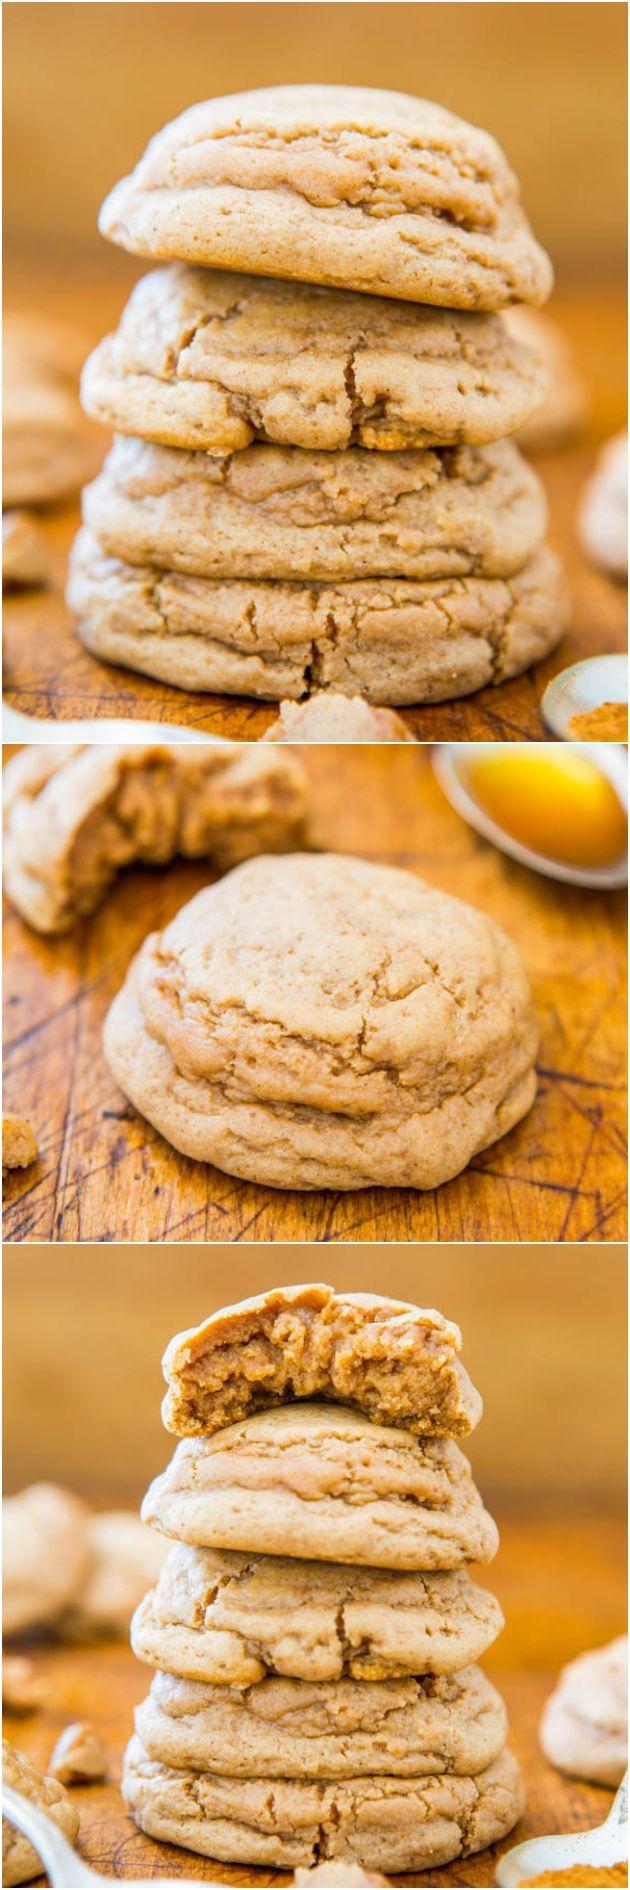 Soft and Puffy Pumpkin Spice Honey Cookies #pumpkin #cookies #dessert